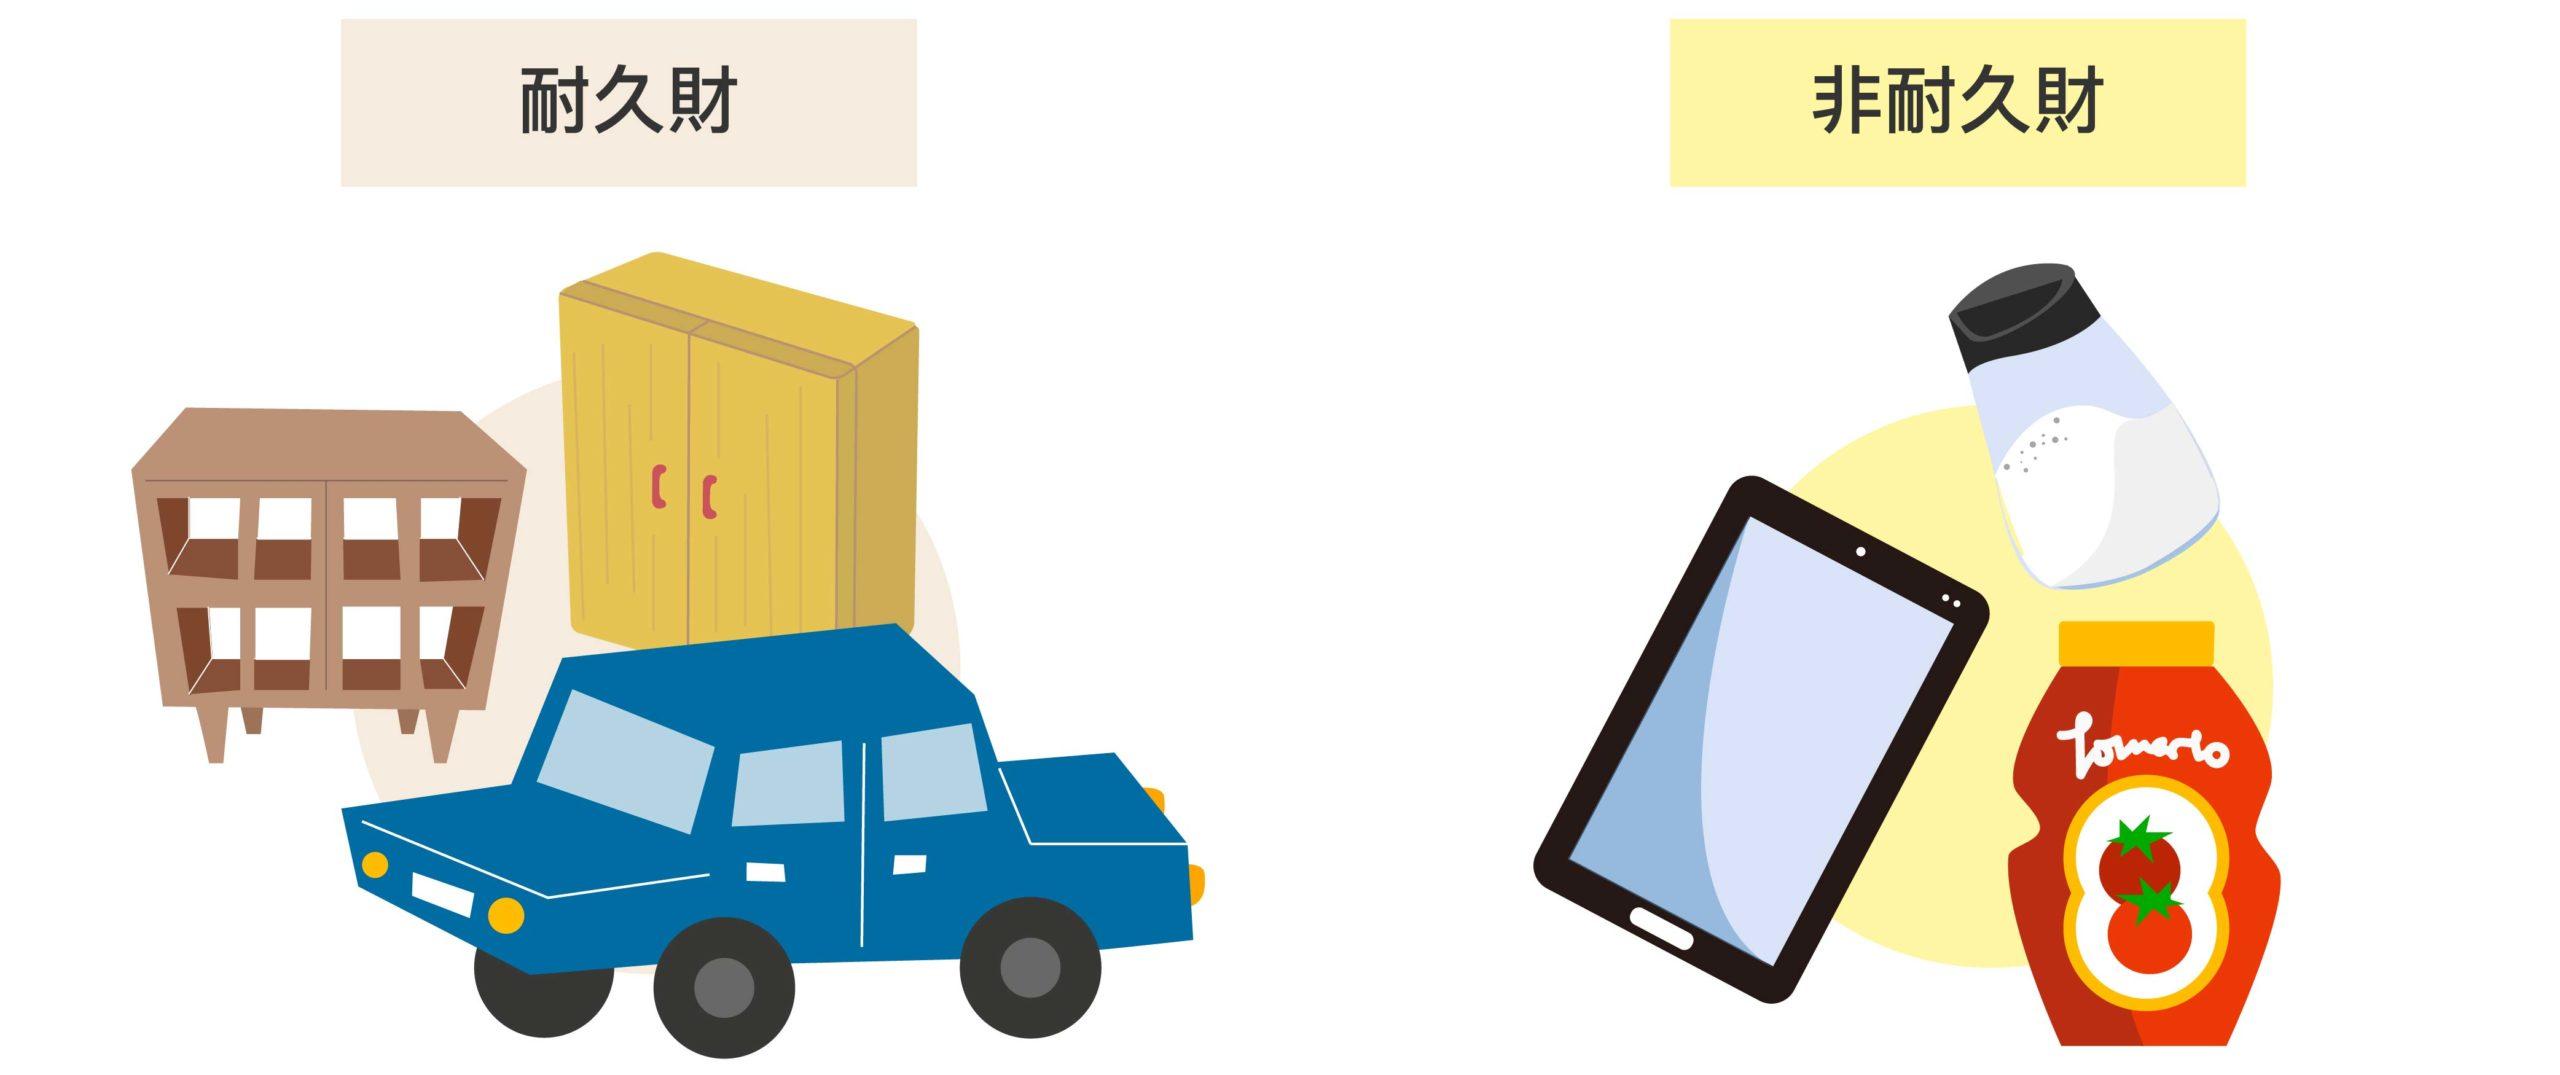 經濟結構不斷改變,因此模型也需要不斷修正。例如,台灣已從製造業轉向服務業,高科技產業比重持續擴增,運算時就需要區分:消費屬於服務(餐飲、旅遊)或商品類?若是商品,那屬於耐久財(汽車)或非耐久財(日用品)?圖│研之有物